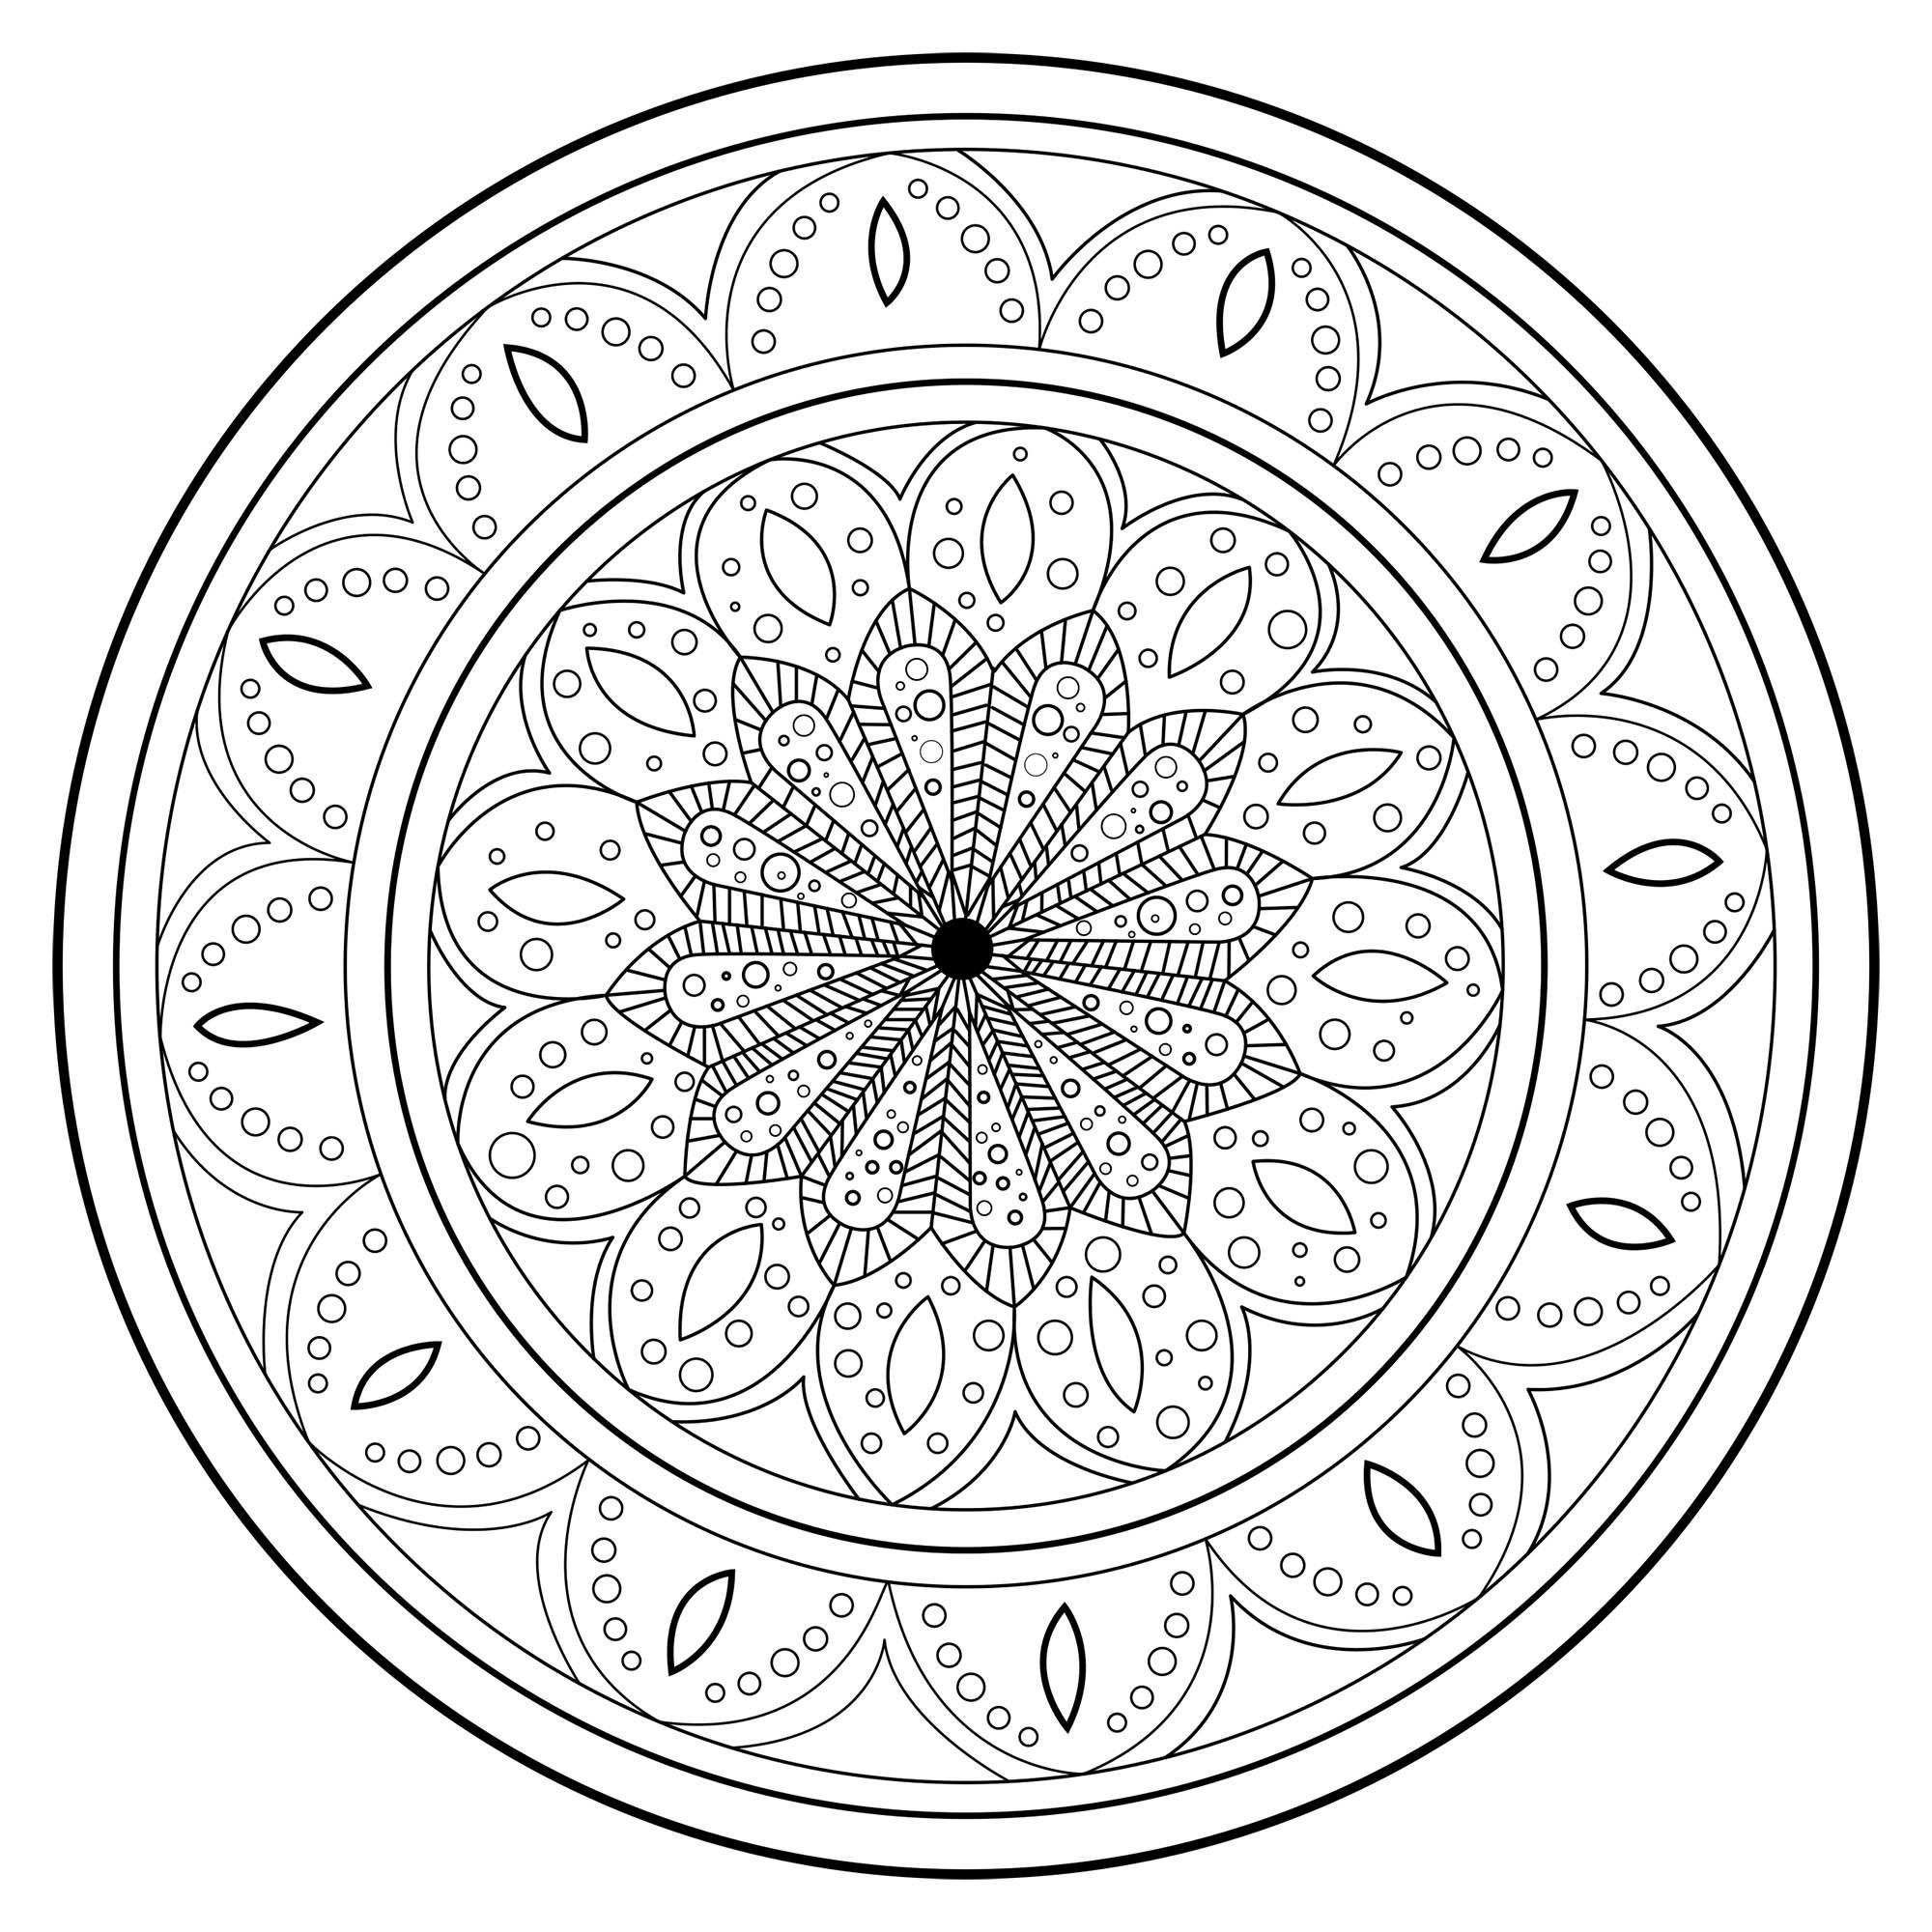 Mandala 2 - Mandalas - Coloriages Difficiles Pour Adultes à Mandala Coloriage